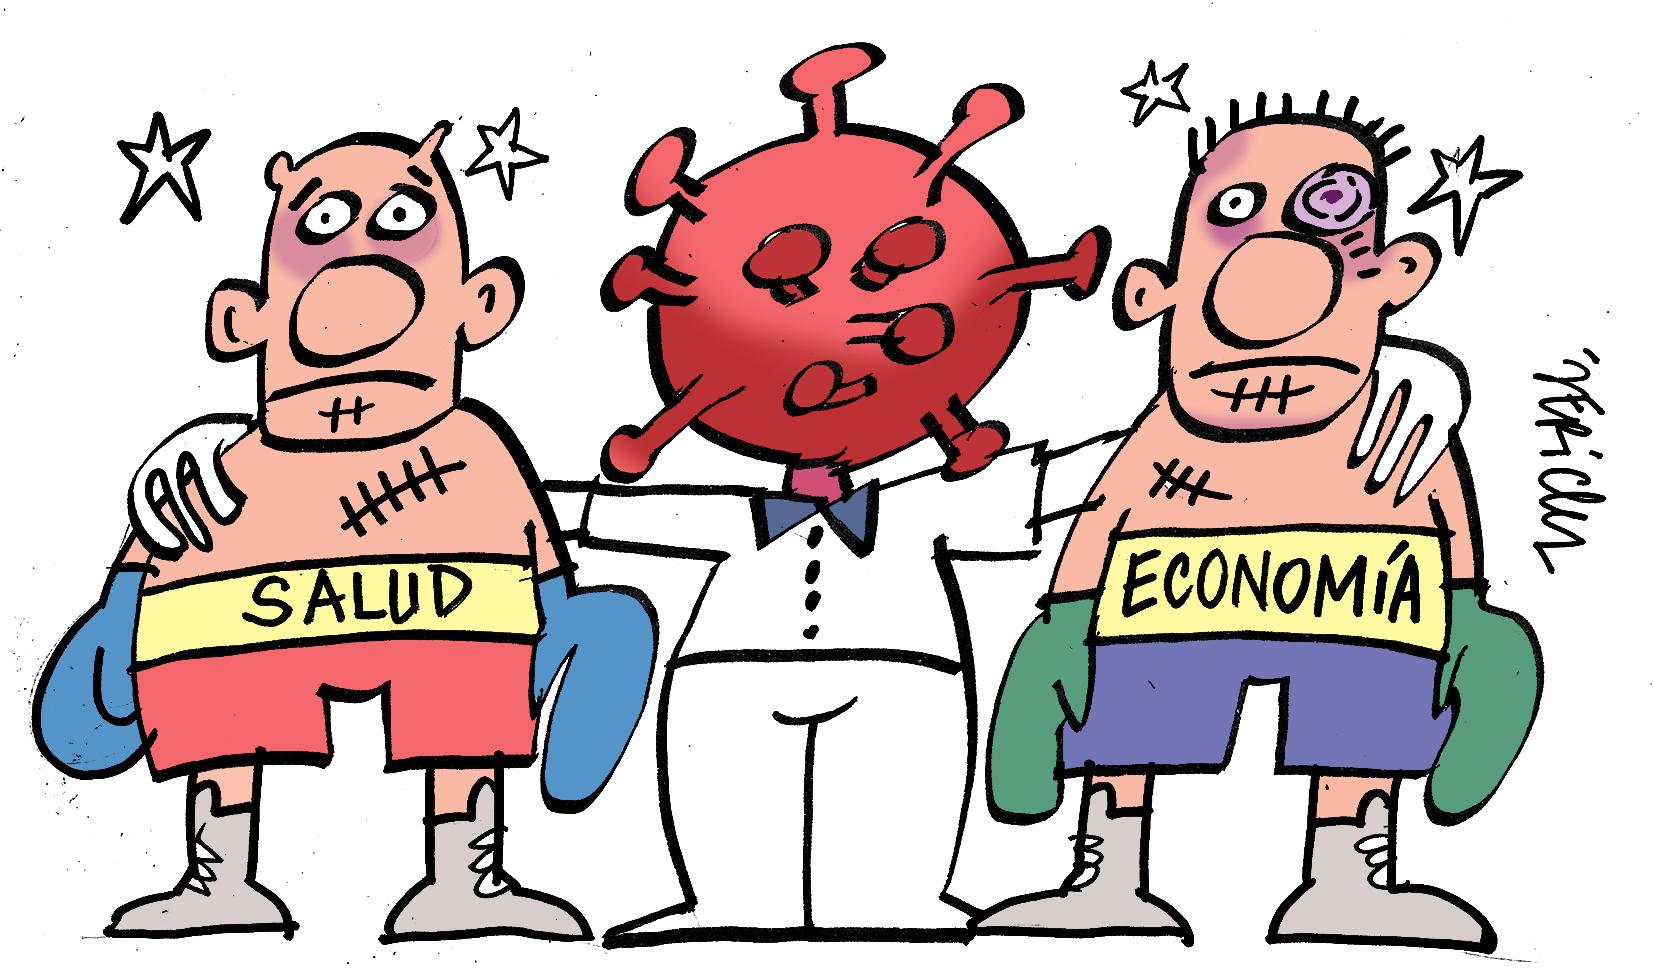 Economía Salud